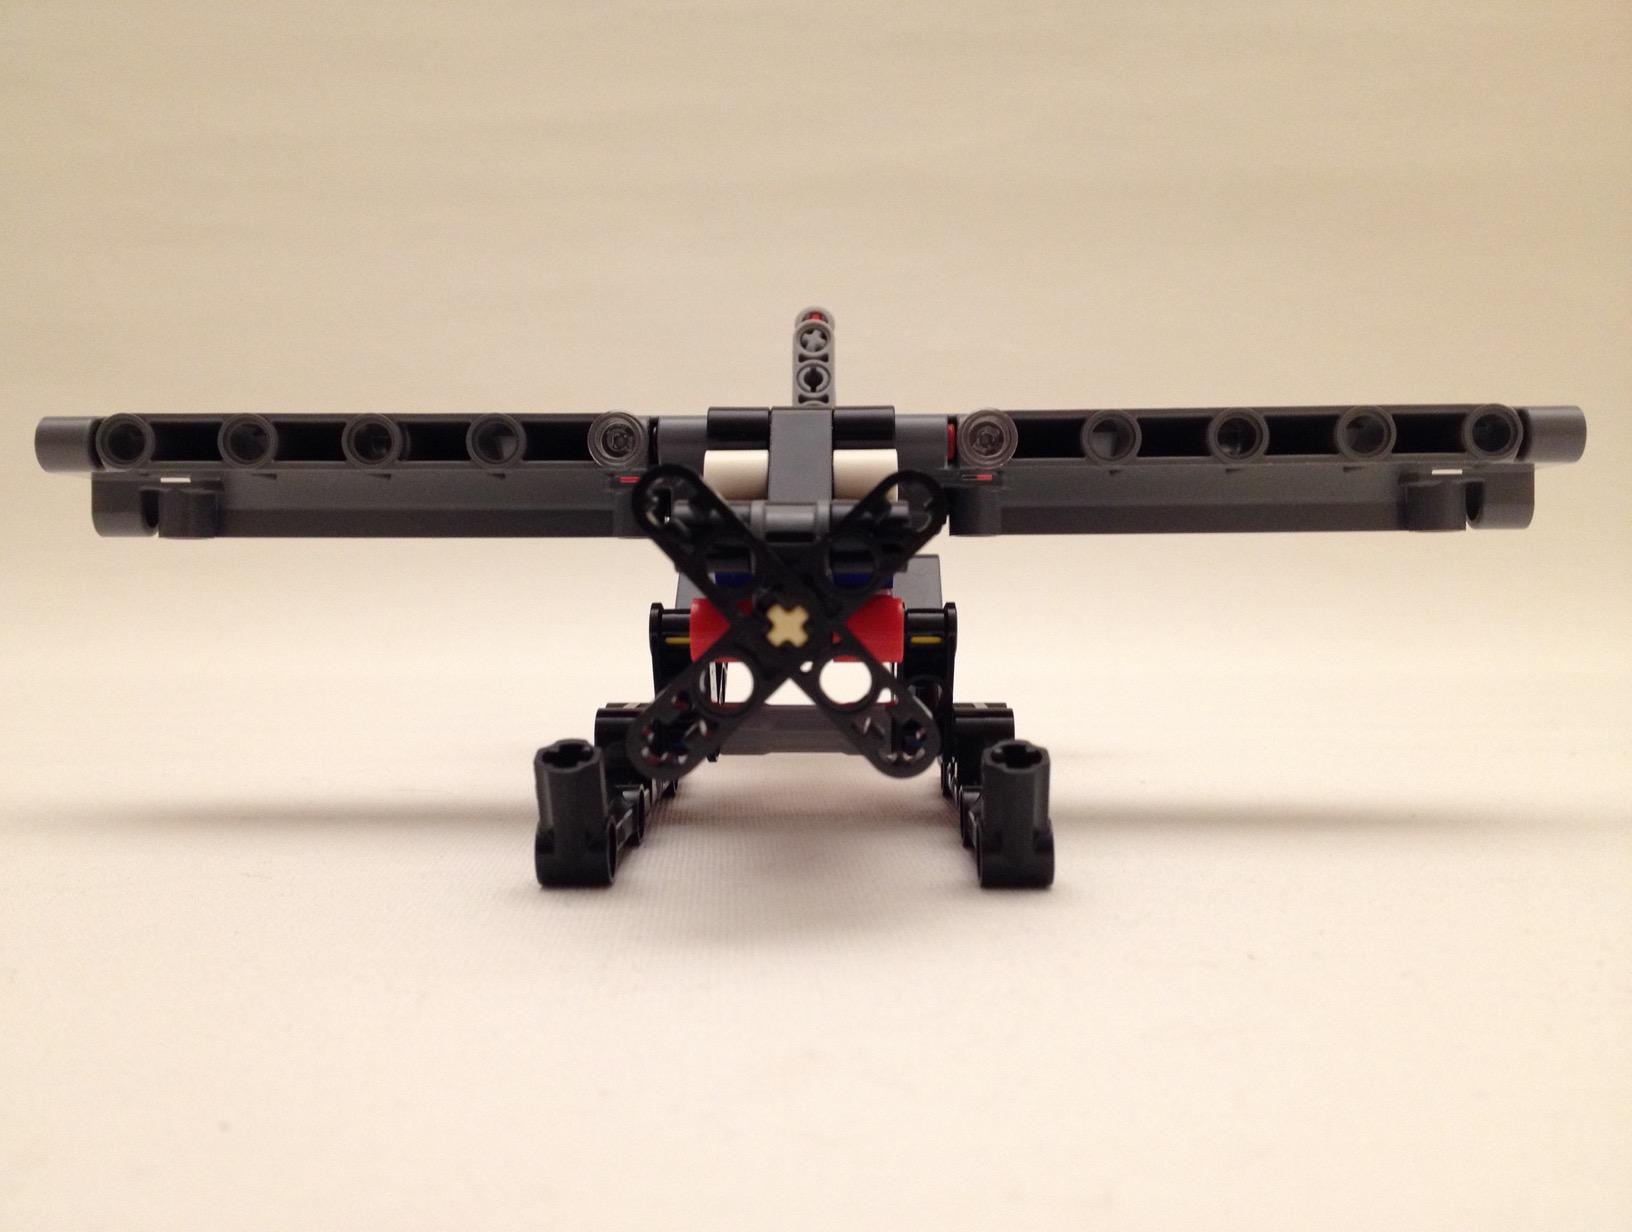 Lego floatplane, front view